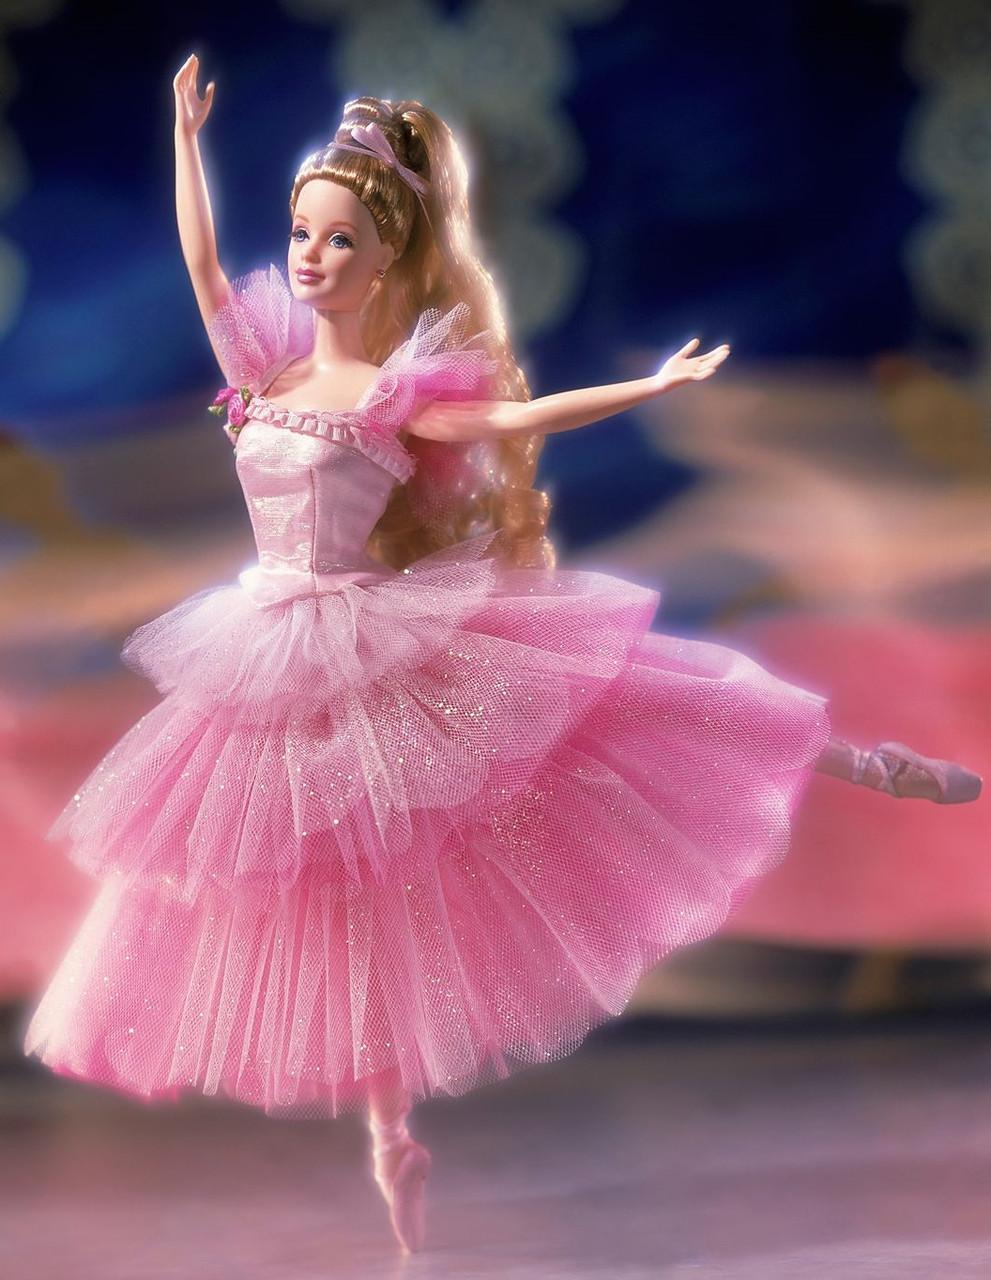 Колекційна лялька Барбі Квіткова балерина Лускунчик